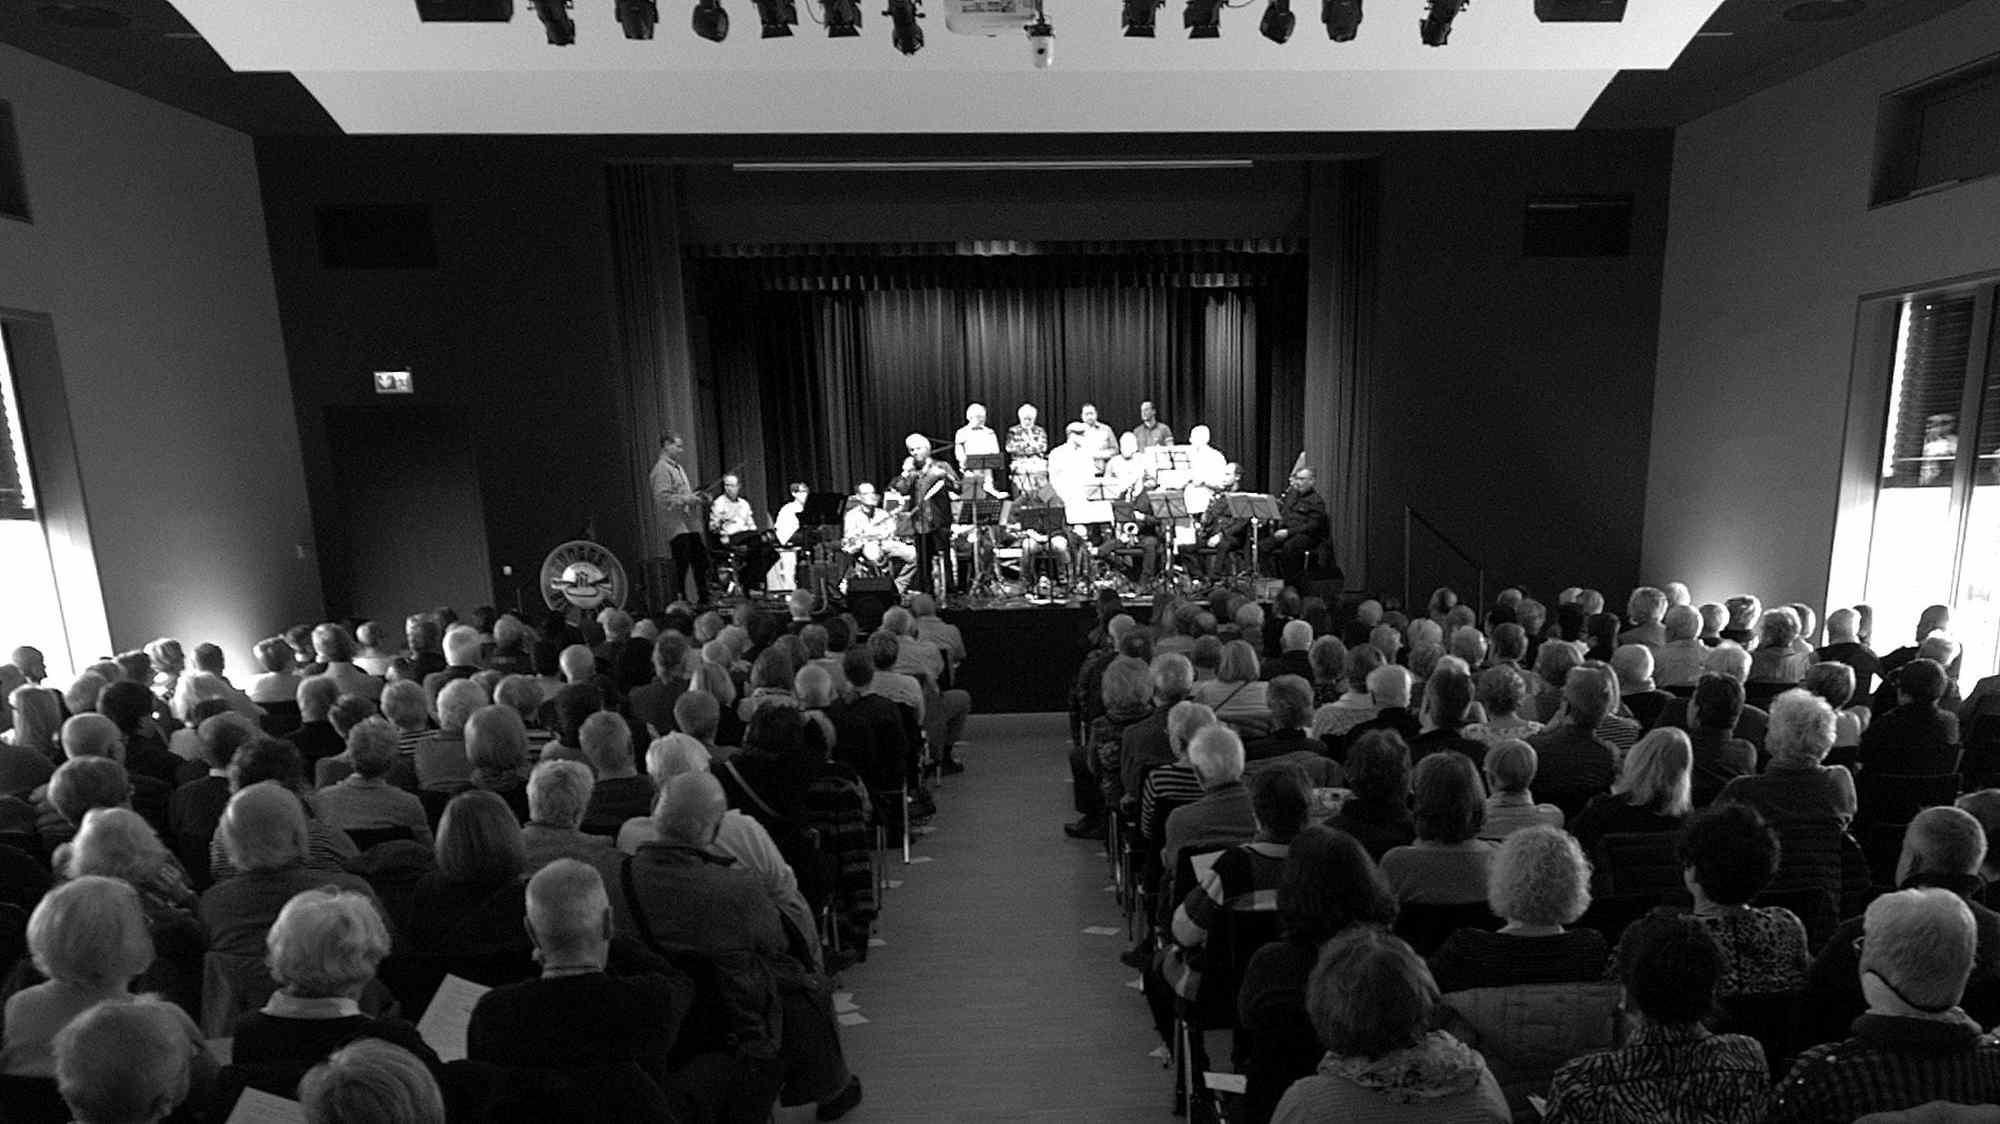 Bongos-Bigband-Konzert_20200301_DSC_2049.NEF_